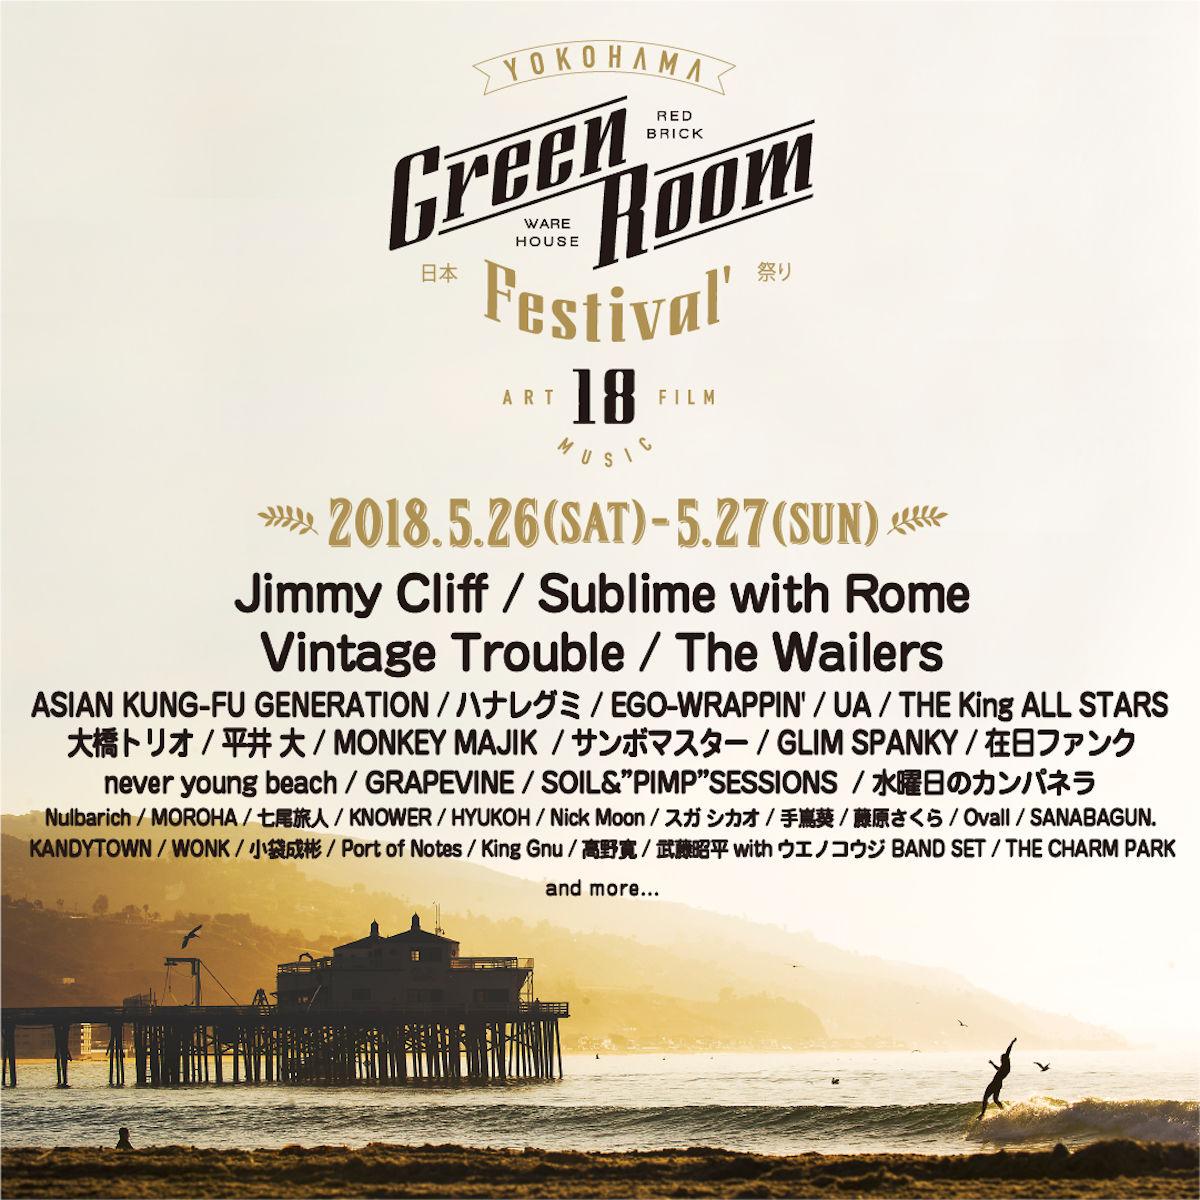 【インタビュー】ニック・ムーン(KYTE)が語る、ソロアルバム『CIRCUS LOVE』や日本に対する思い music180227_greenroom_3-1200x1200